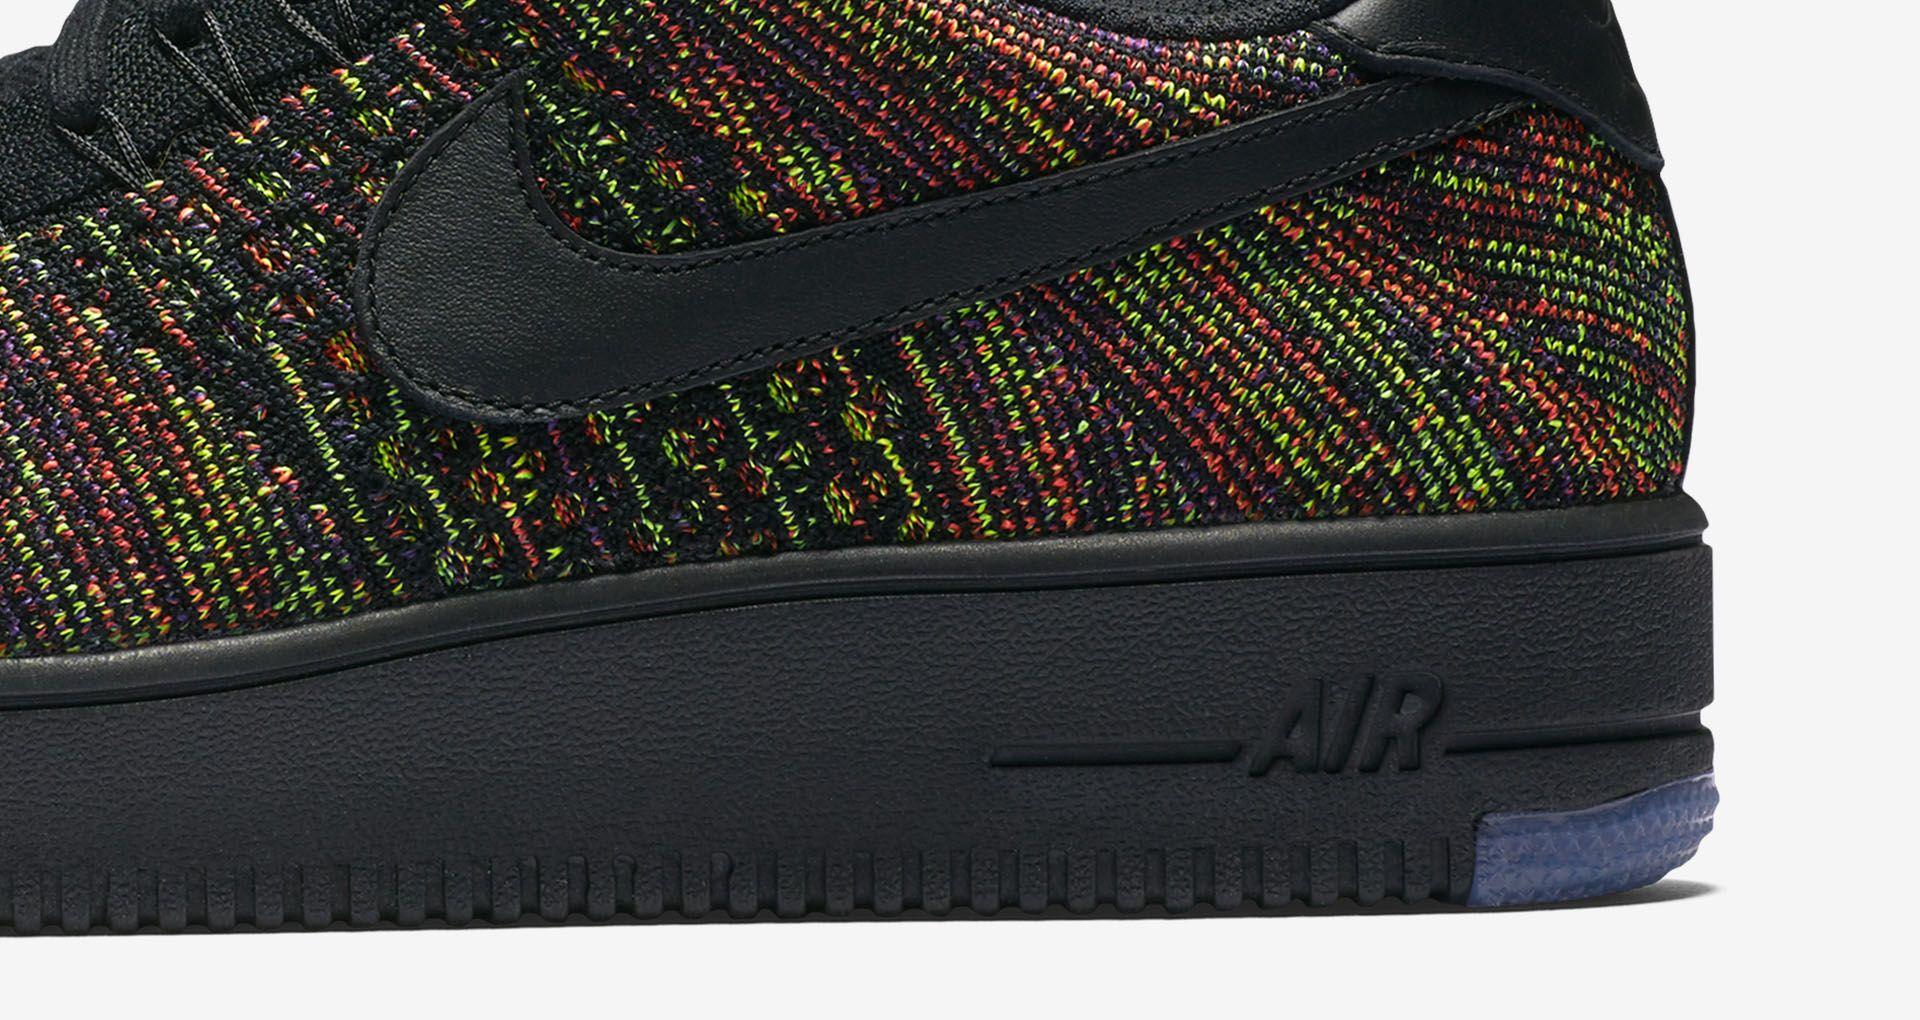 Nike Women's Air Force 1 Flyknit Low Launch Date | SNEAKER